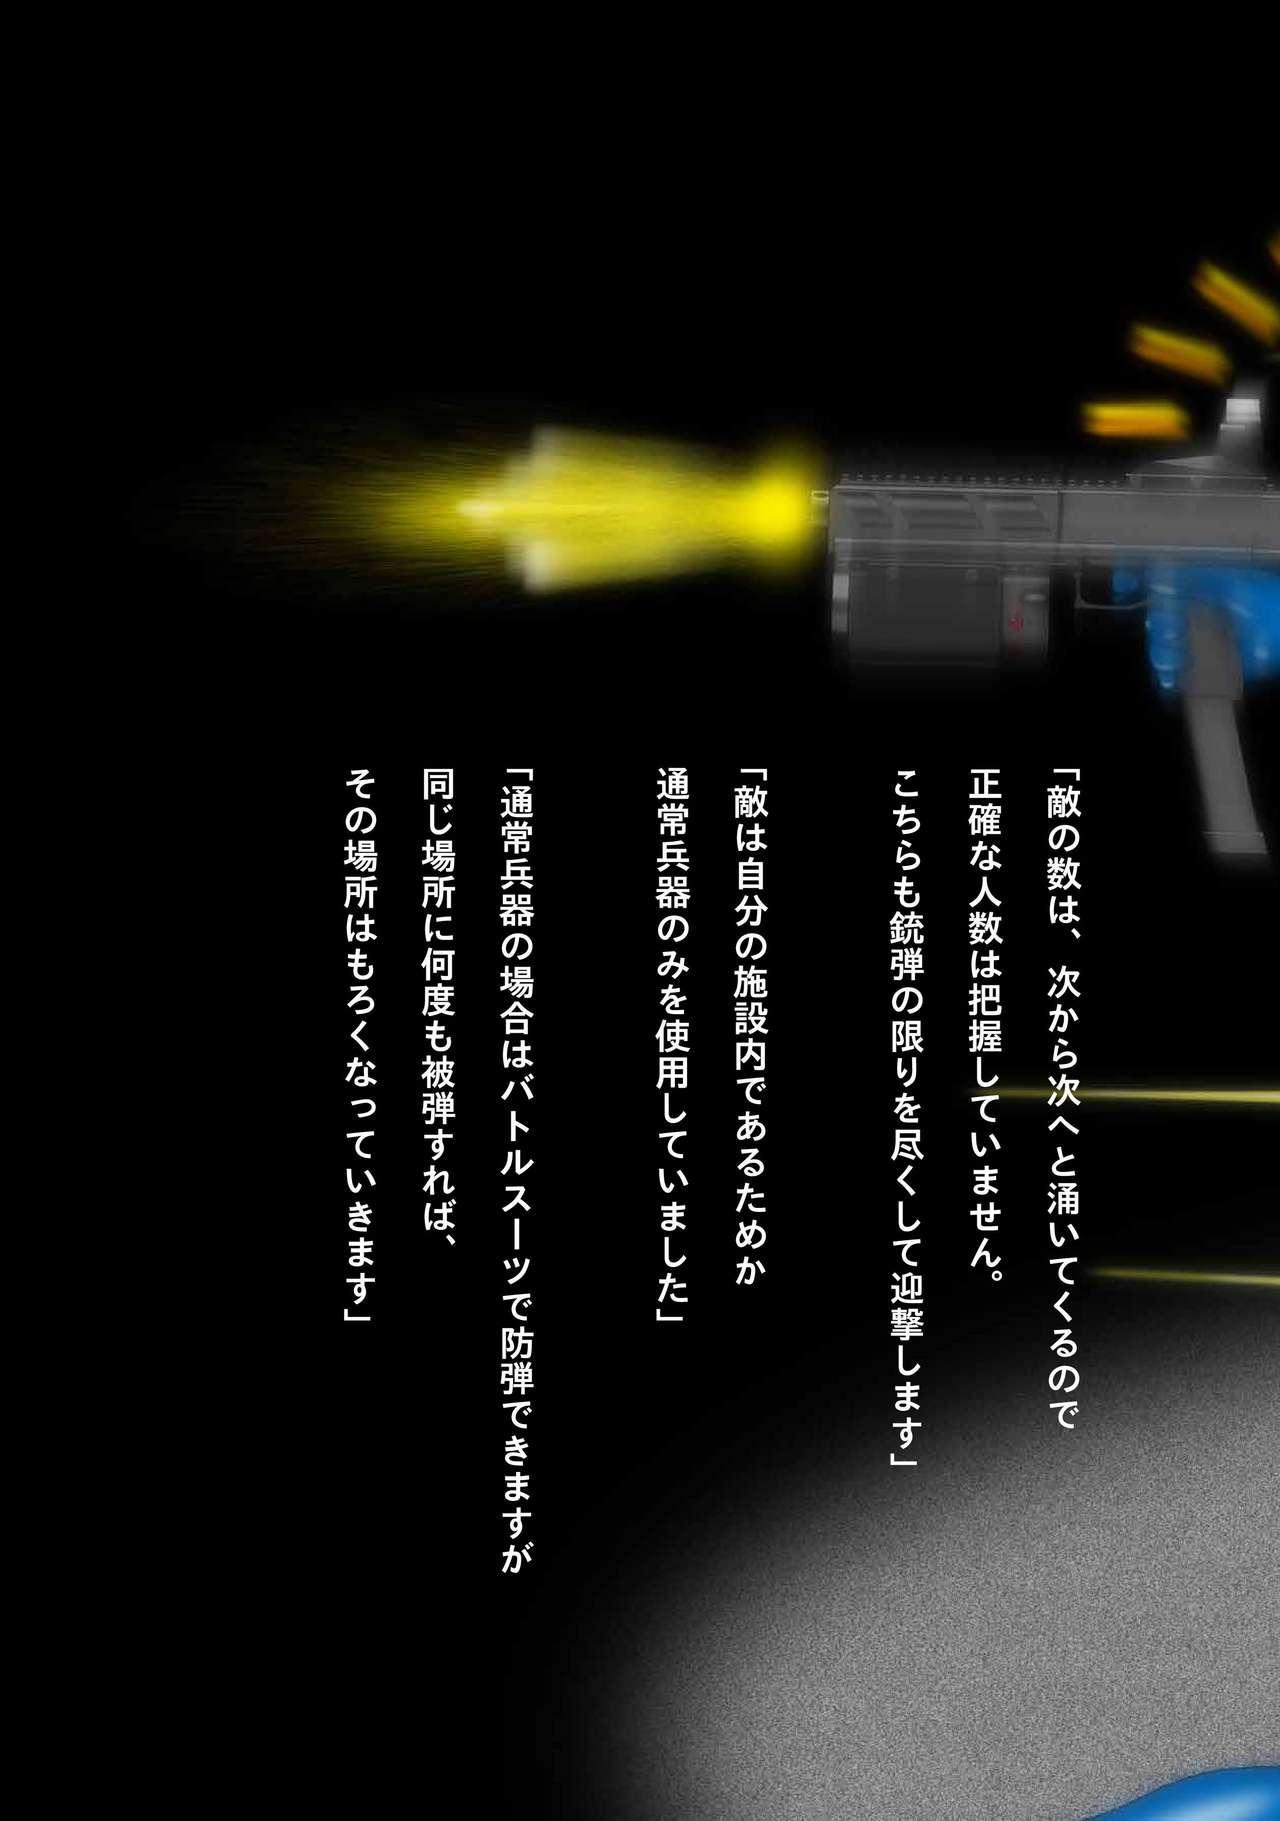 Idol Cyber Battle NEO GENERATOR episode 3 Seisan! Shi o kakugo shita shunkan 38